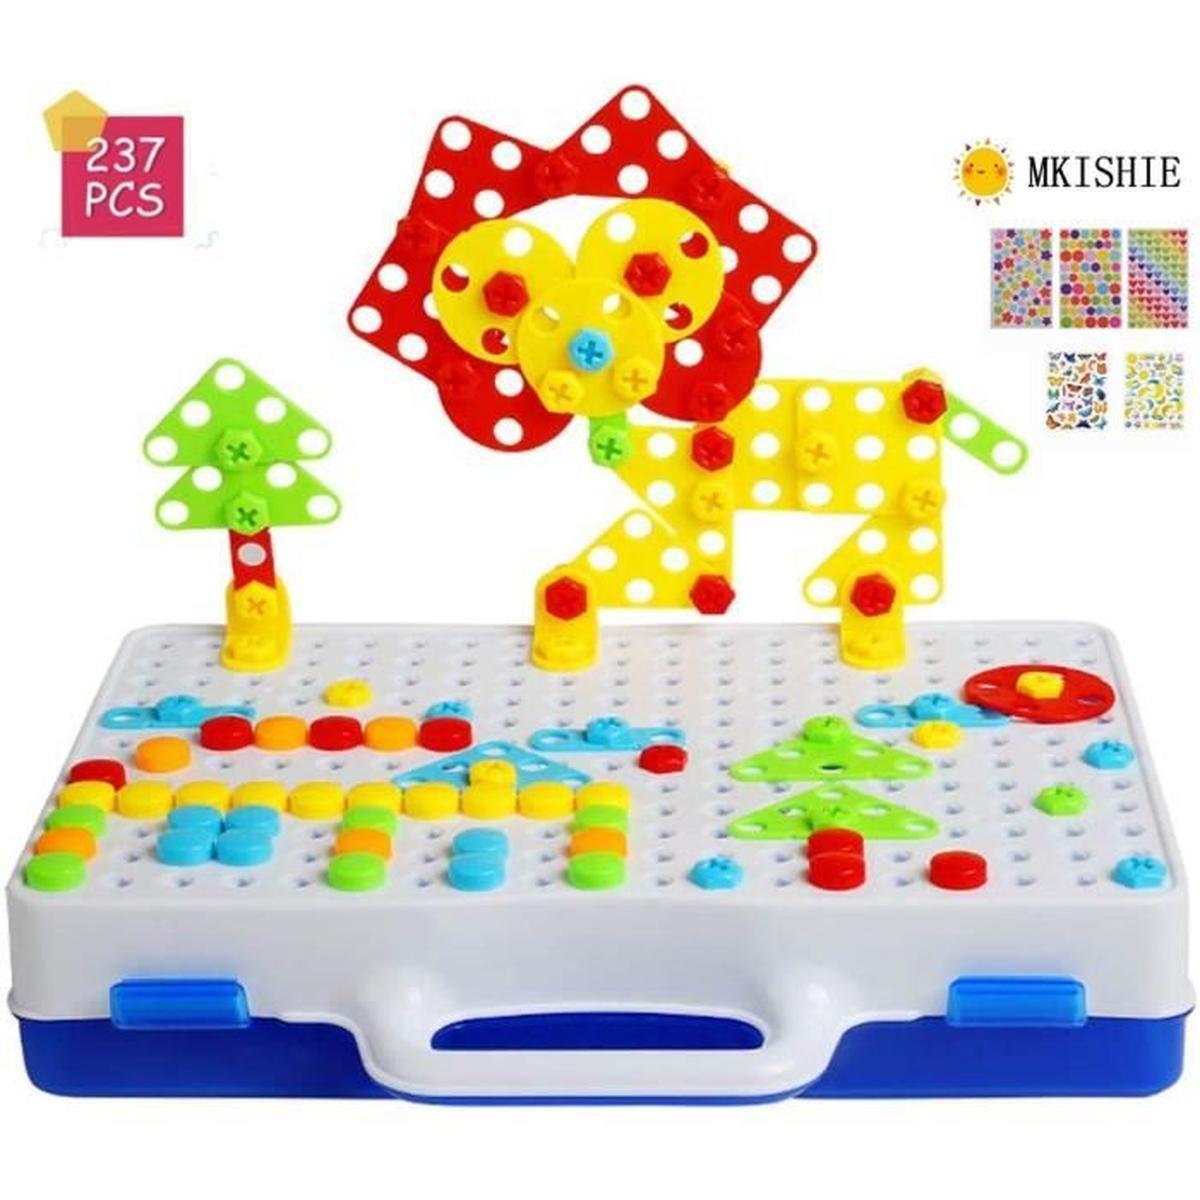 Mosaique Enfant Puzzle 3D Construction Enfant Jeu Montessori encequiconcerne Jeux Pour Garcon 3 Ans